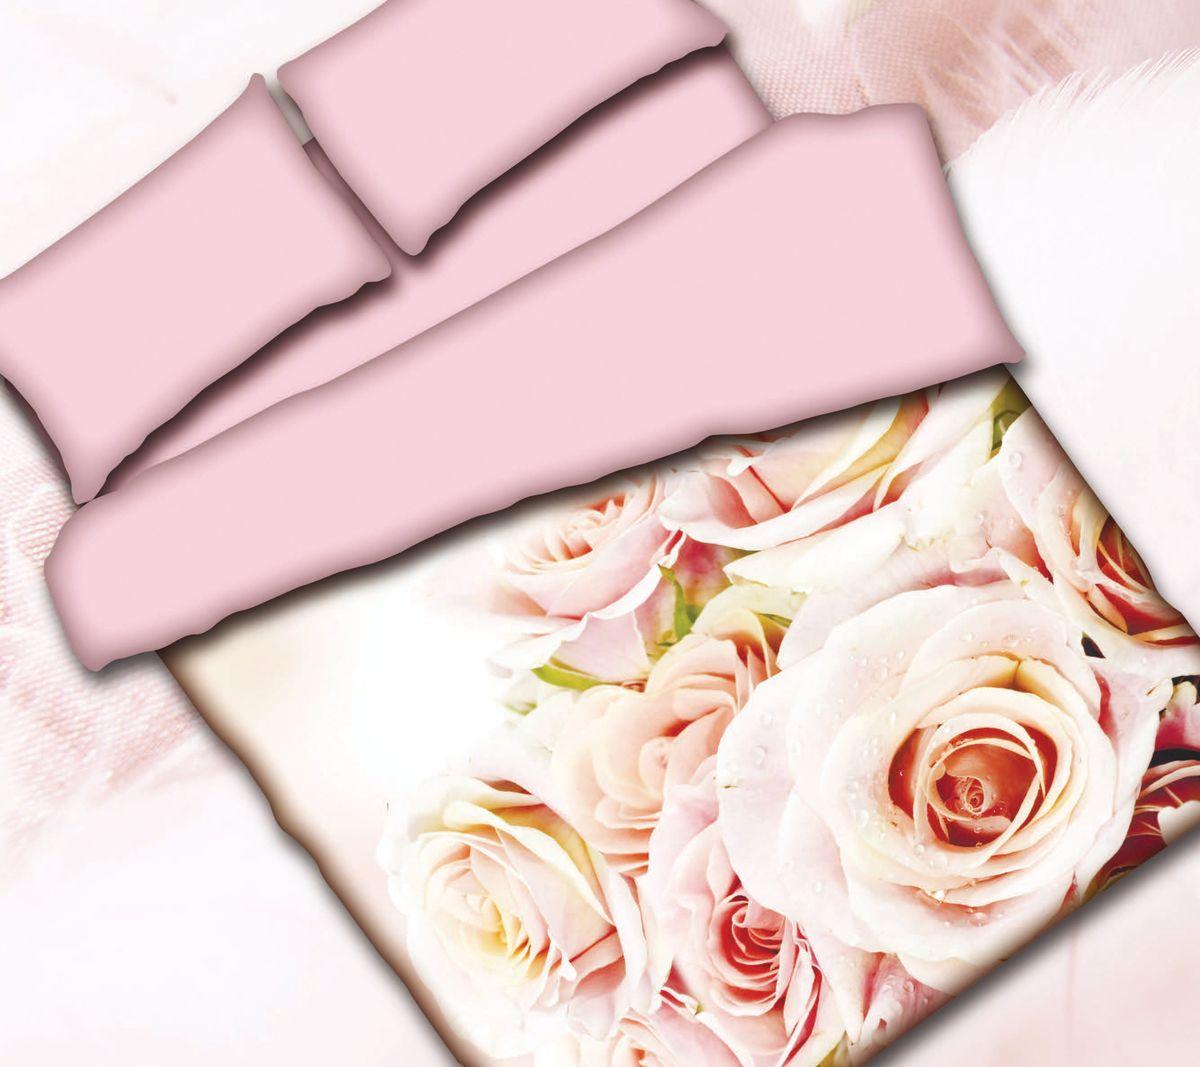 Комплект белья Коллекция Розы, 2-спальный, наволочки 70x70. СРП2/70/ОЗ/розыСРП2/70/ОЗ/розы